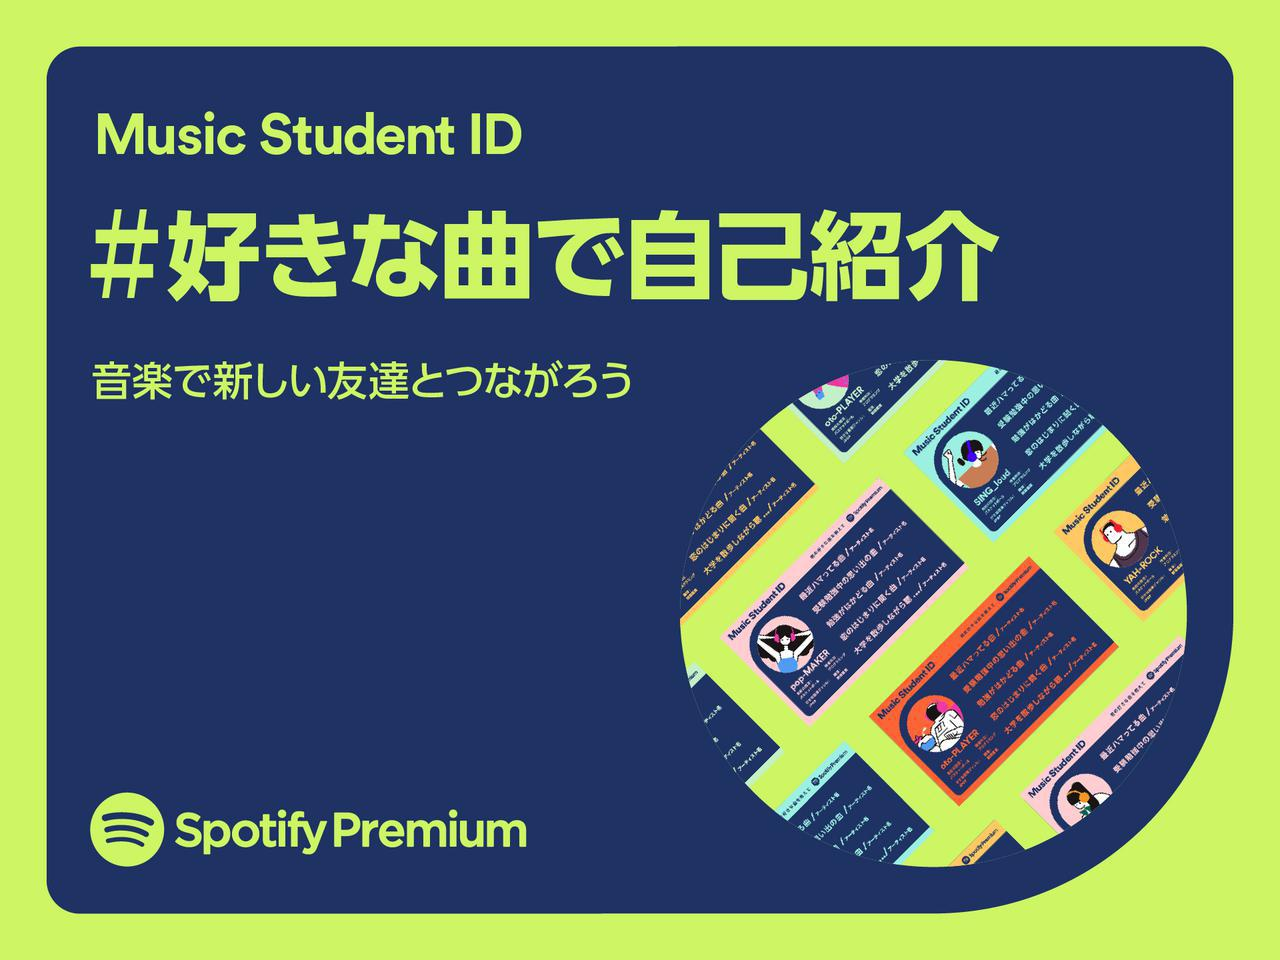 画像1: Spotifyが新学期に音楽をテーマにした自己紹介カード「Music Student ID」を作成する専用サイトを開設